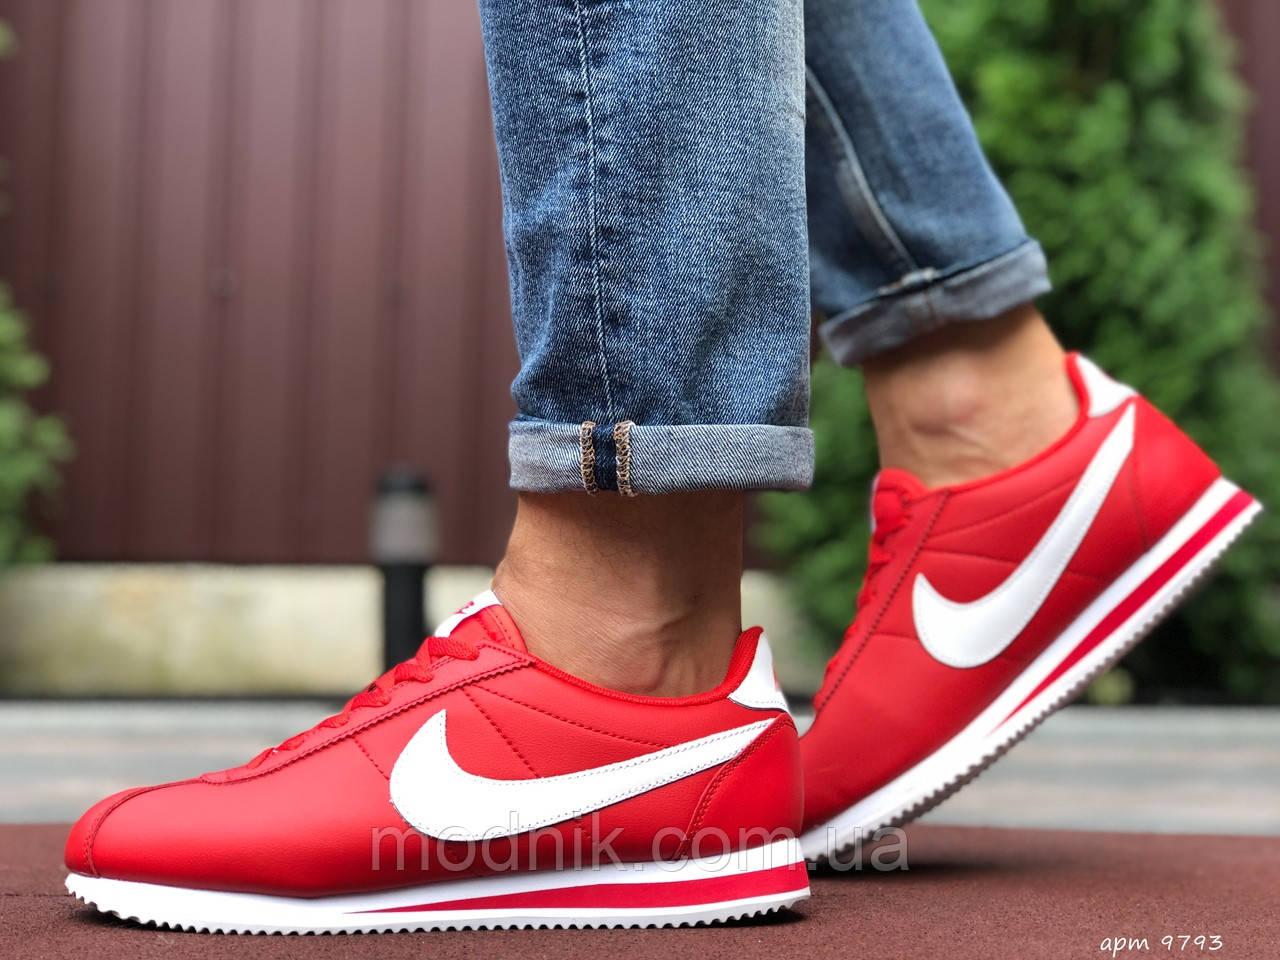 Мужские кроссовки Nike Cortez (красно-белые) 9793